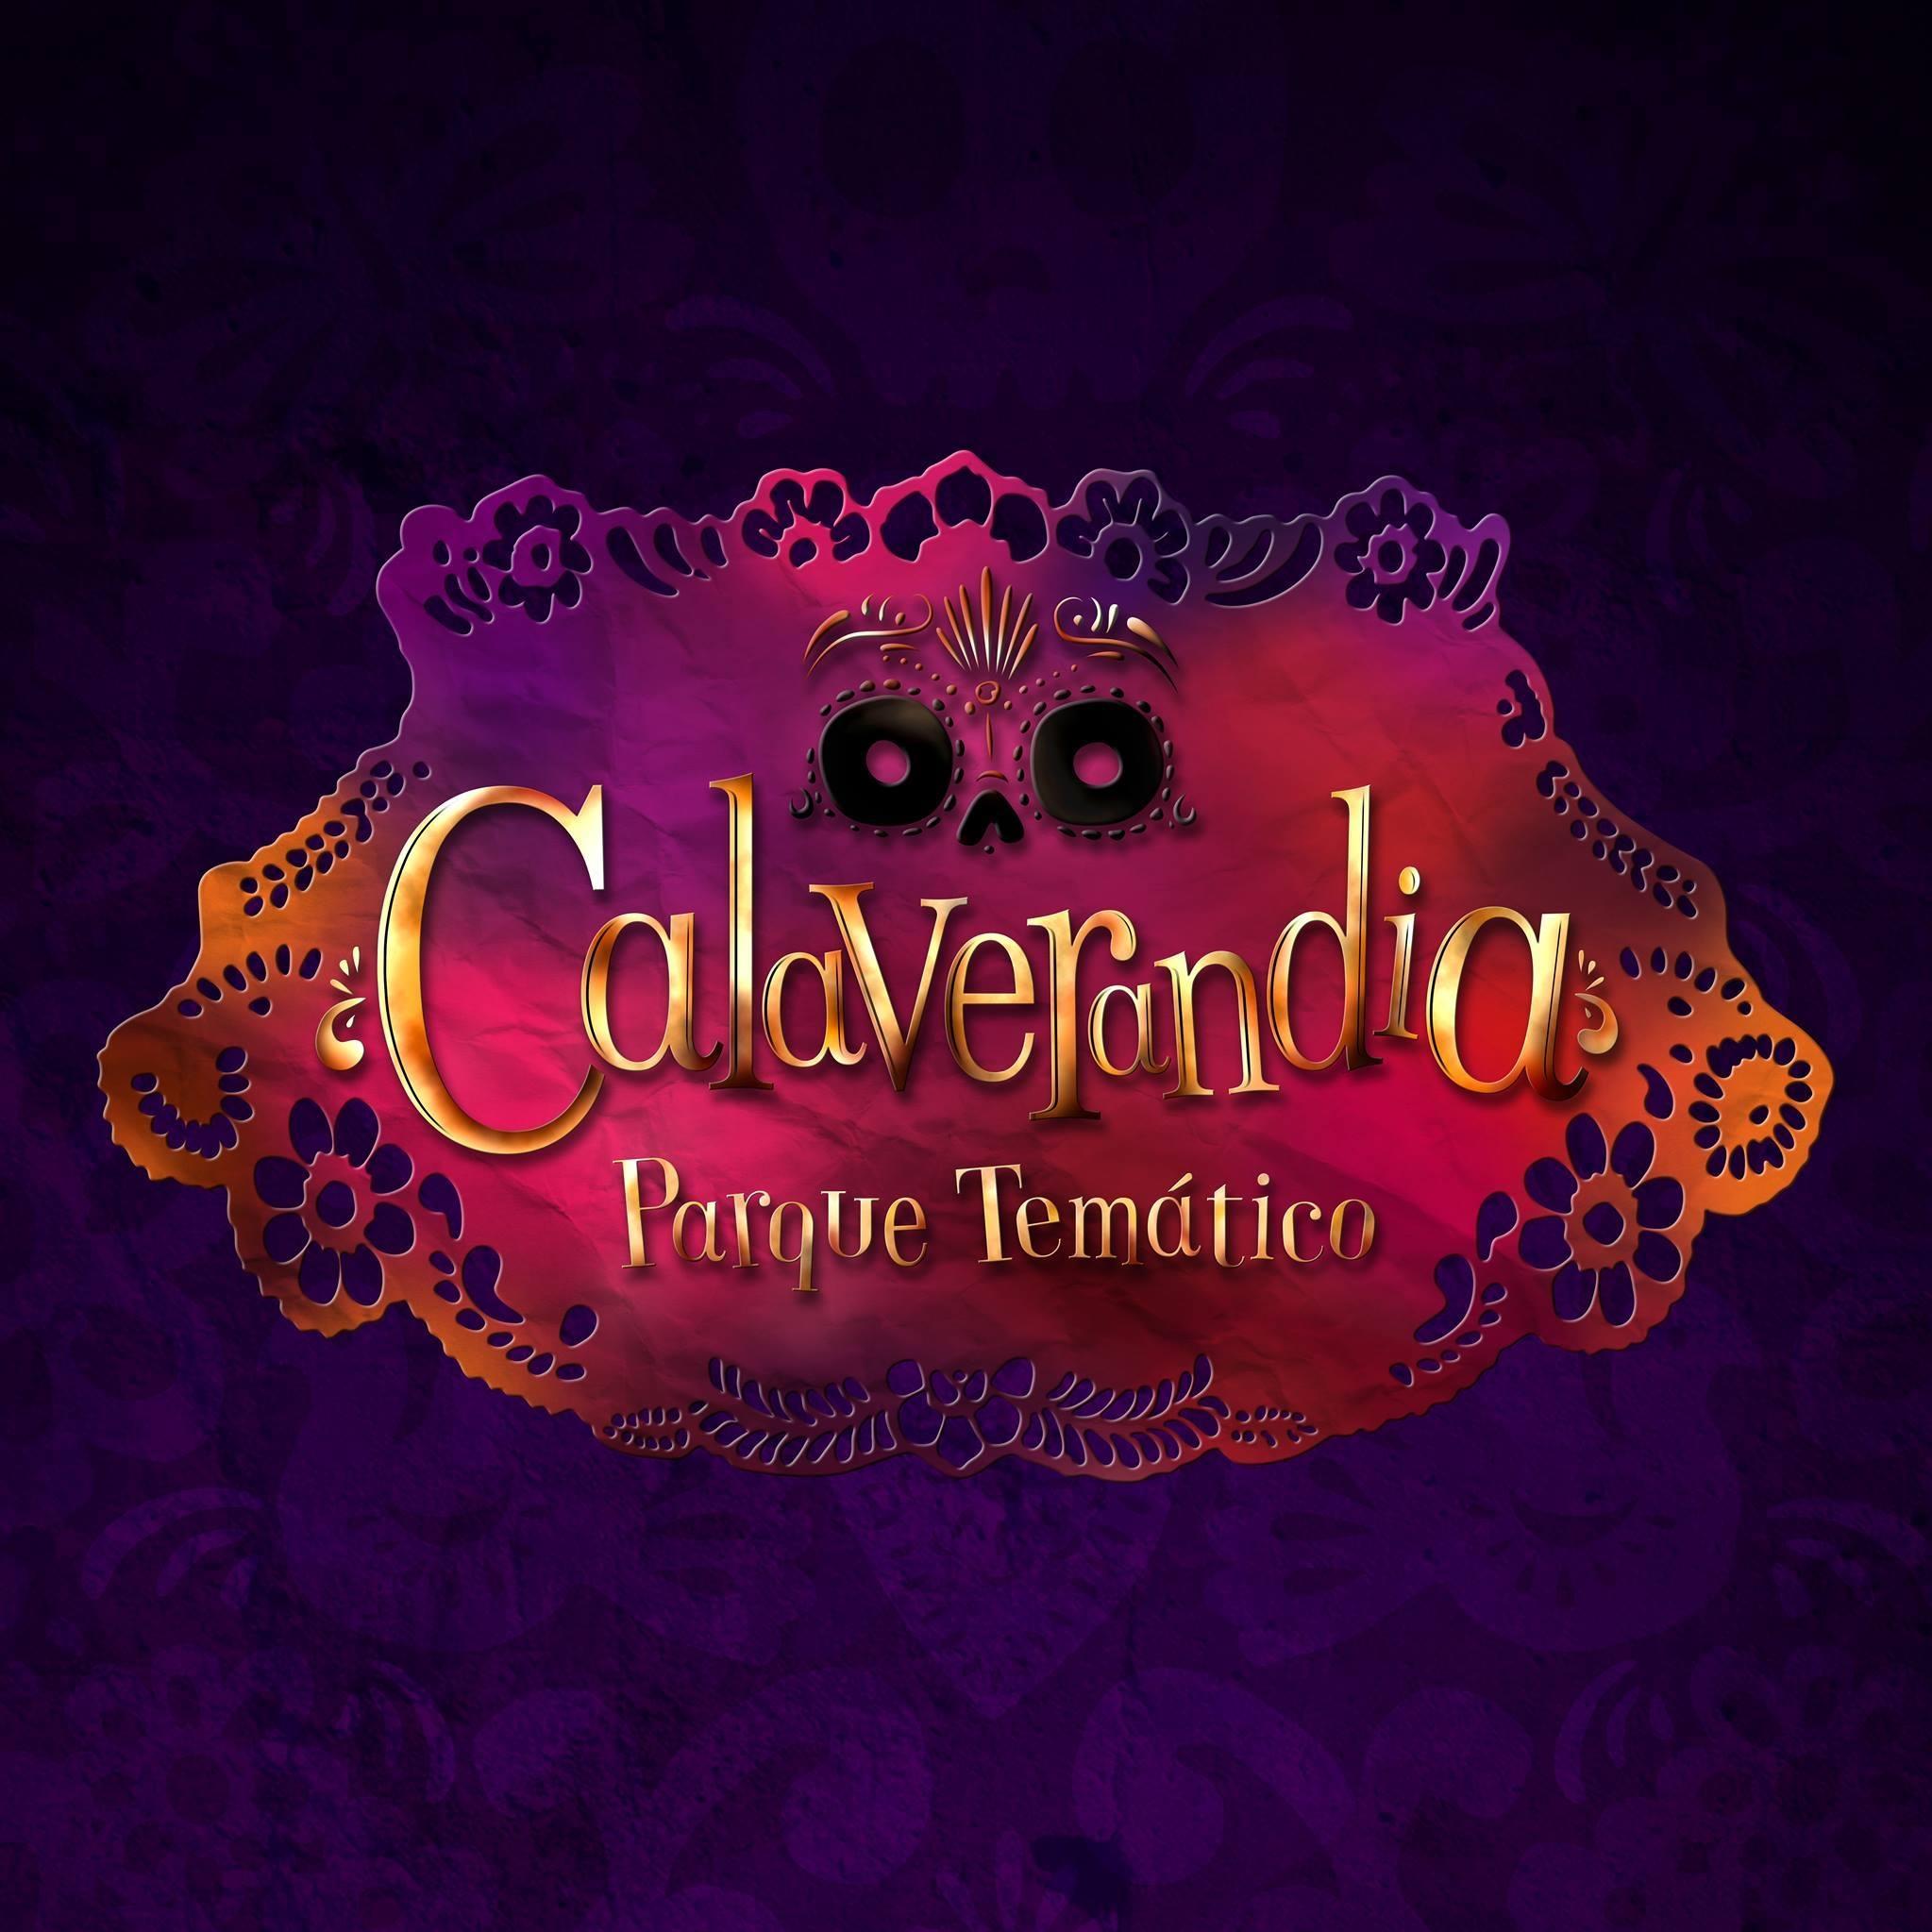 #Calaverandia del 1 al 18 de Noviembre en Parque Ávila Camacho